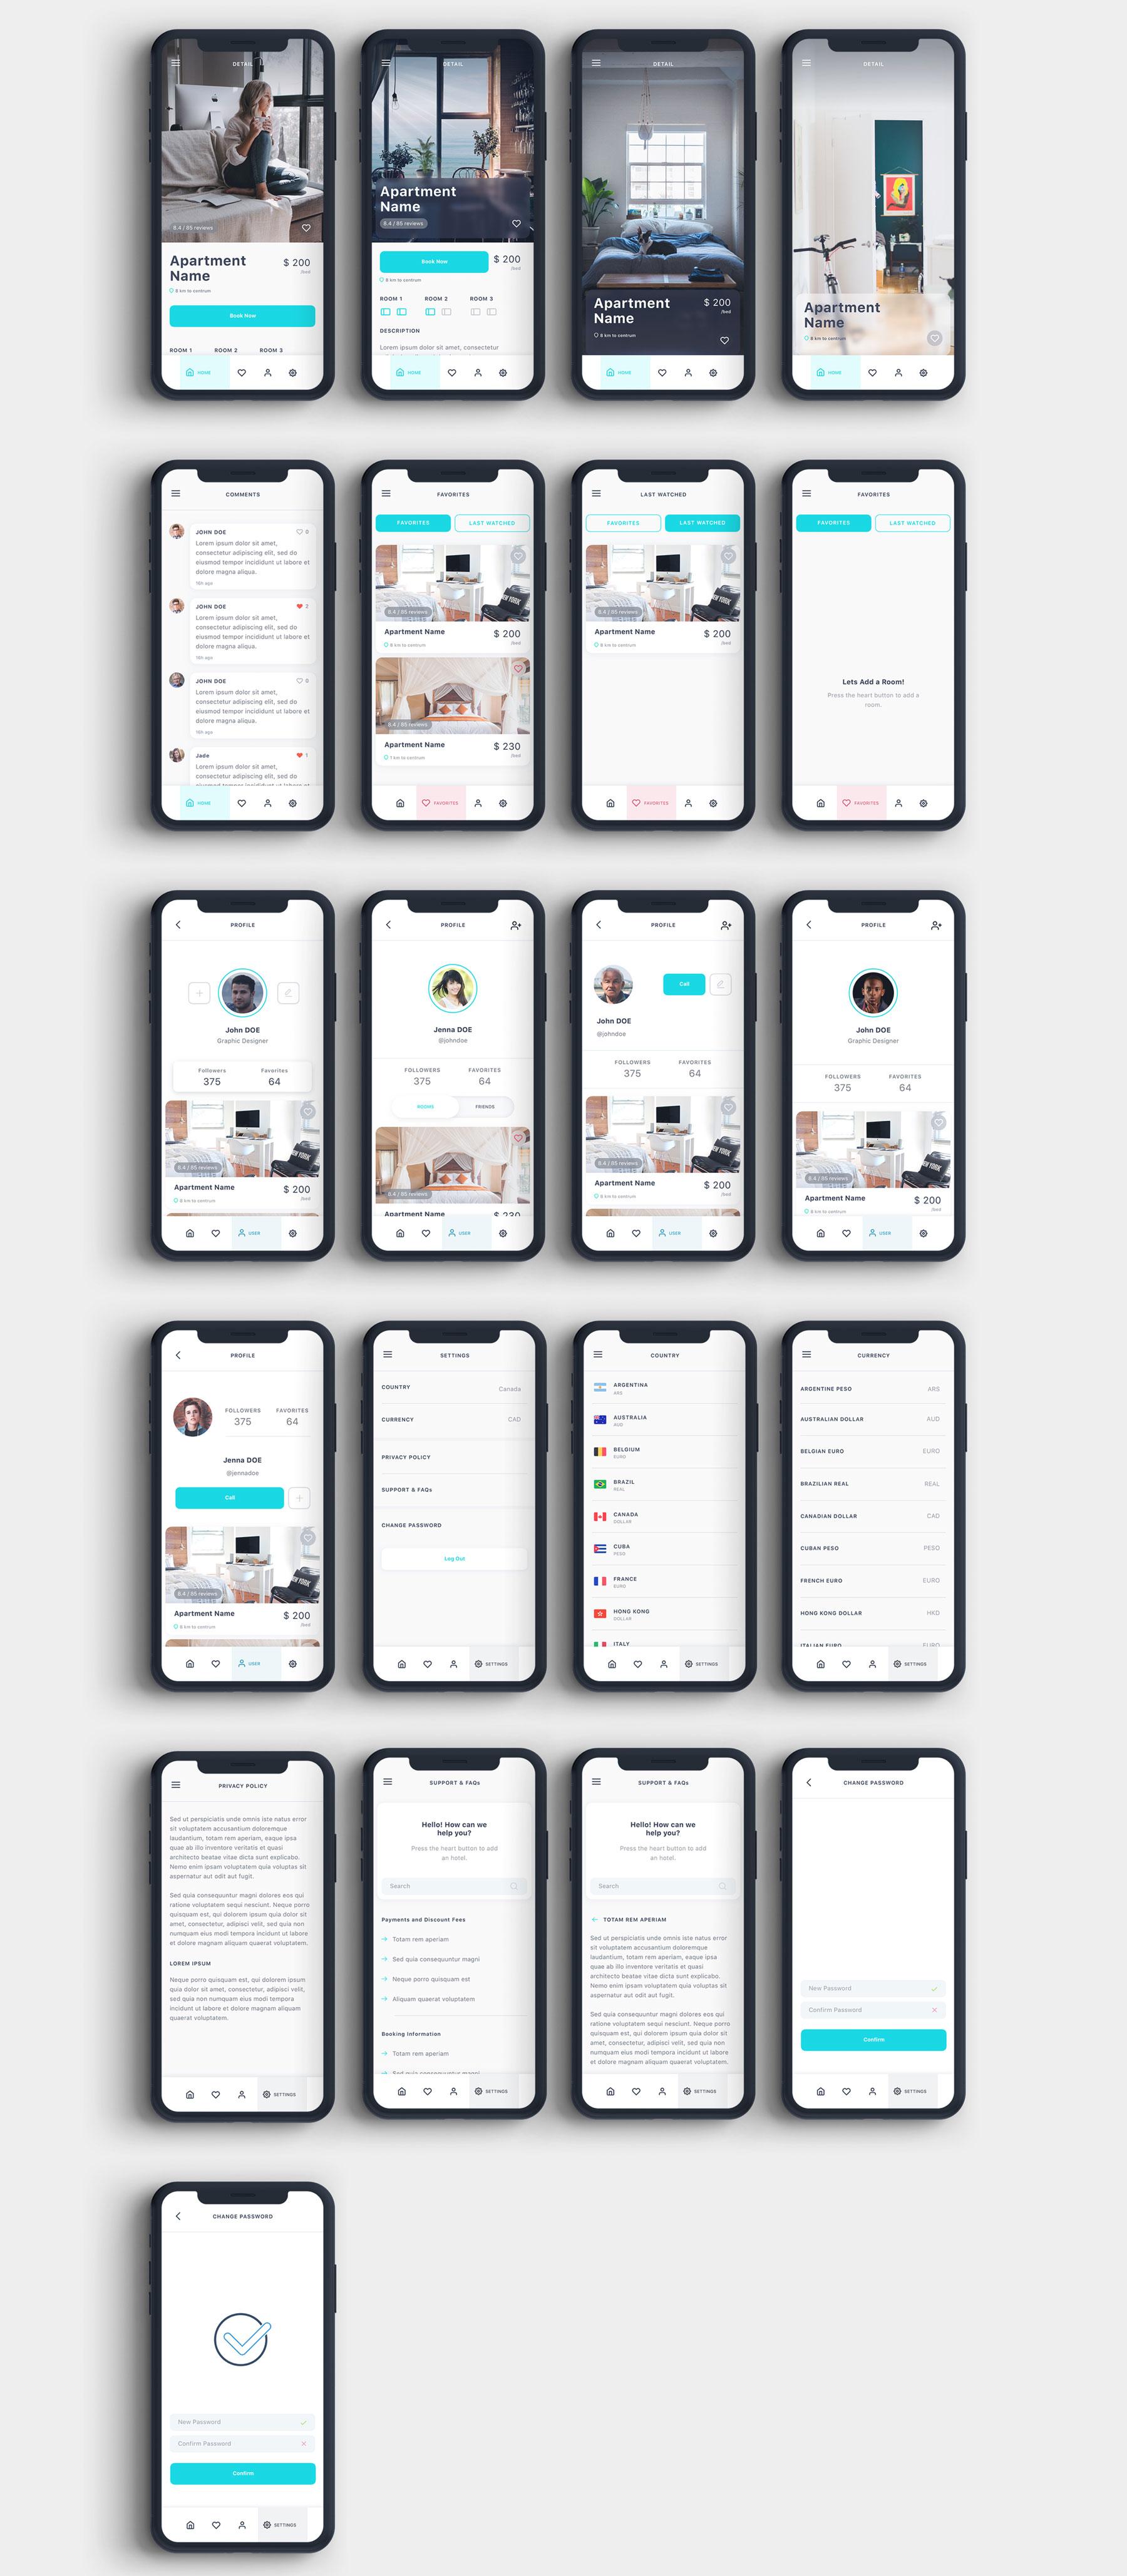 酒店预定APP应用程序UI界面设计套件 Roomate iOS UI Kit插图(11)